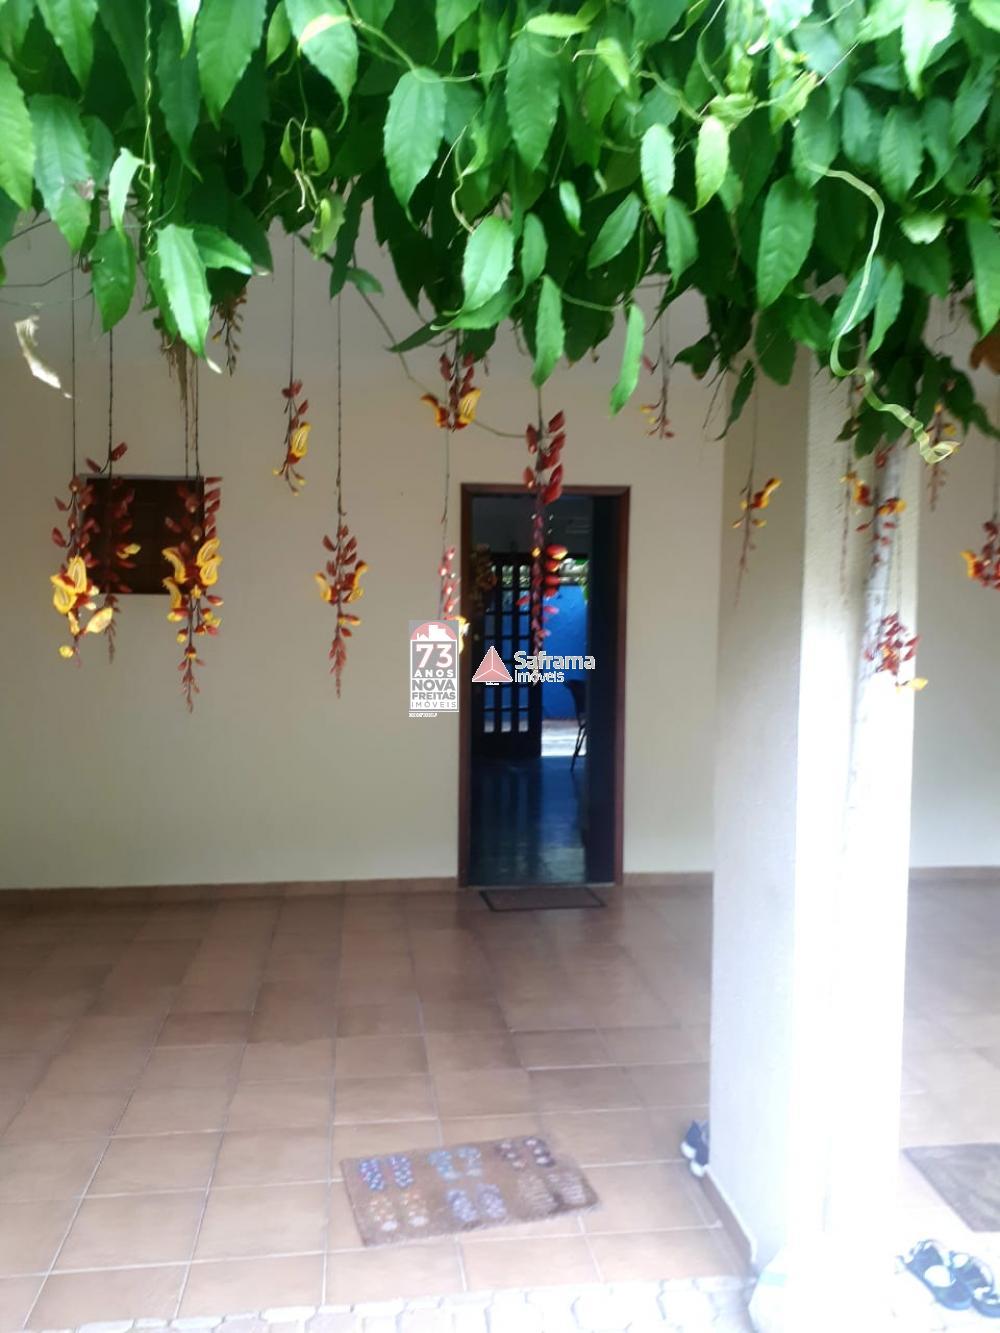 Alugar Casa / Sobrado em Condomínio em Ubatuba R$ 2.800,00 - Foto 2